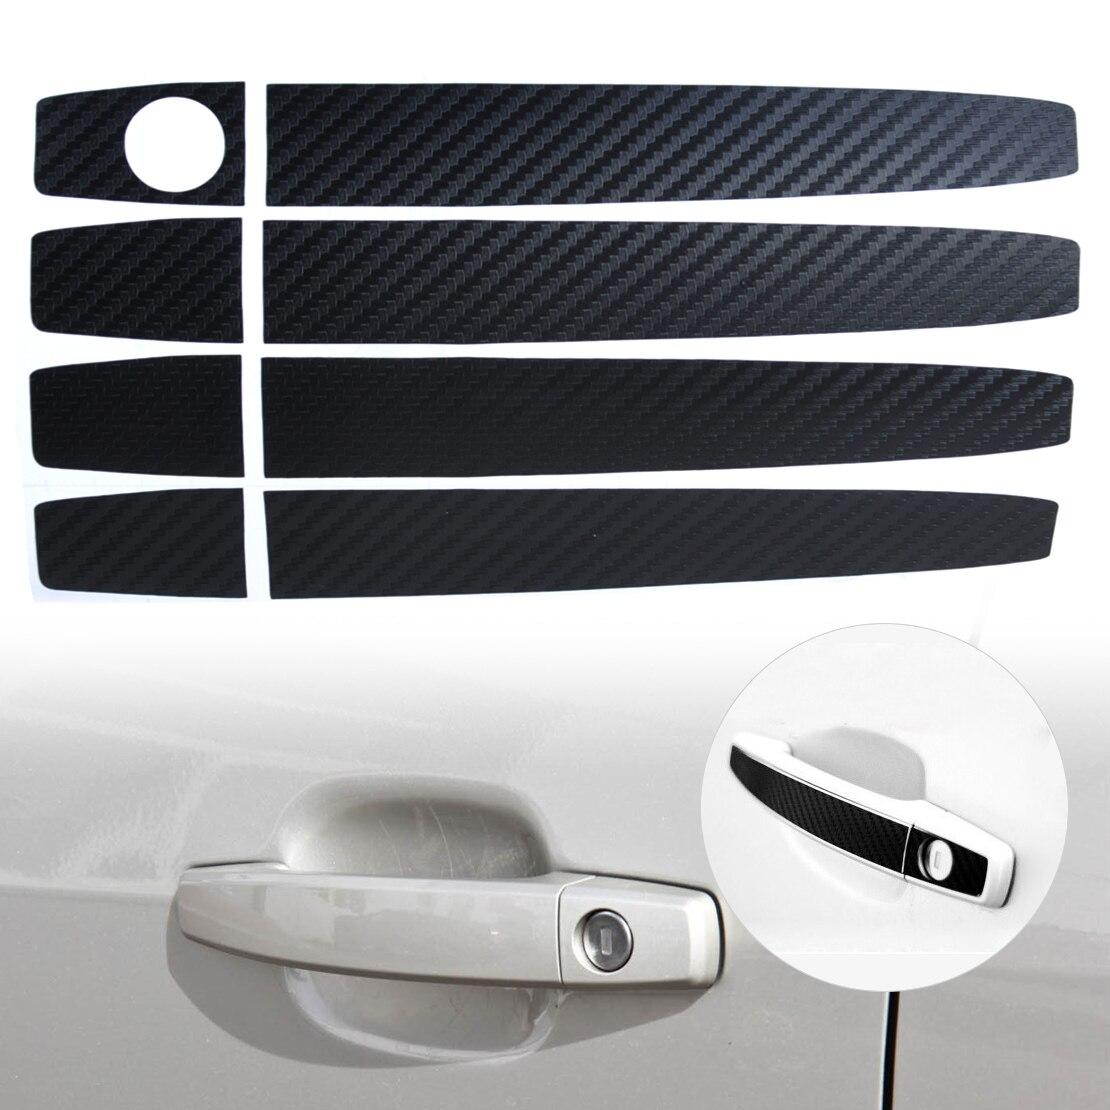 New Door Handle for Chevrolet Malibu 2004-2011